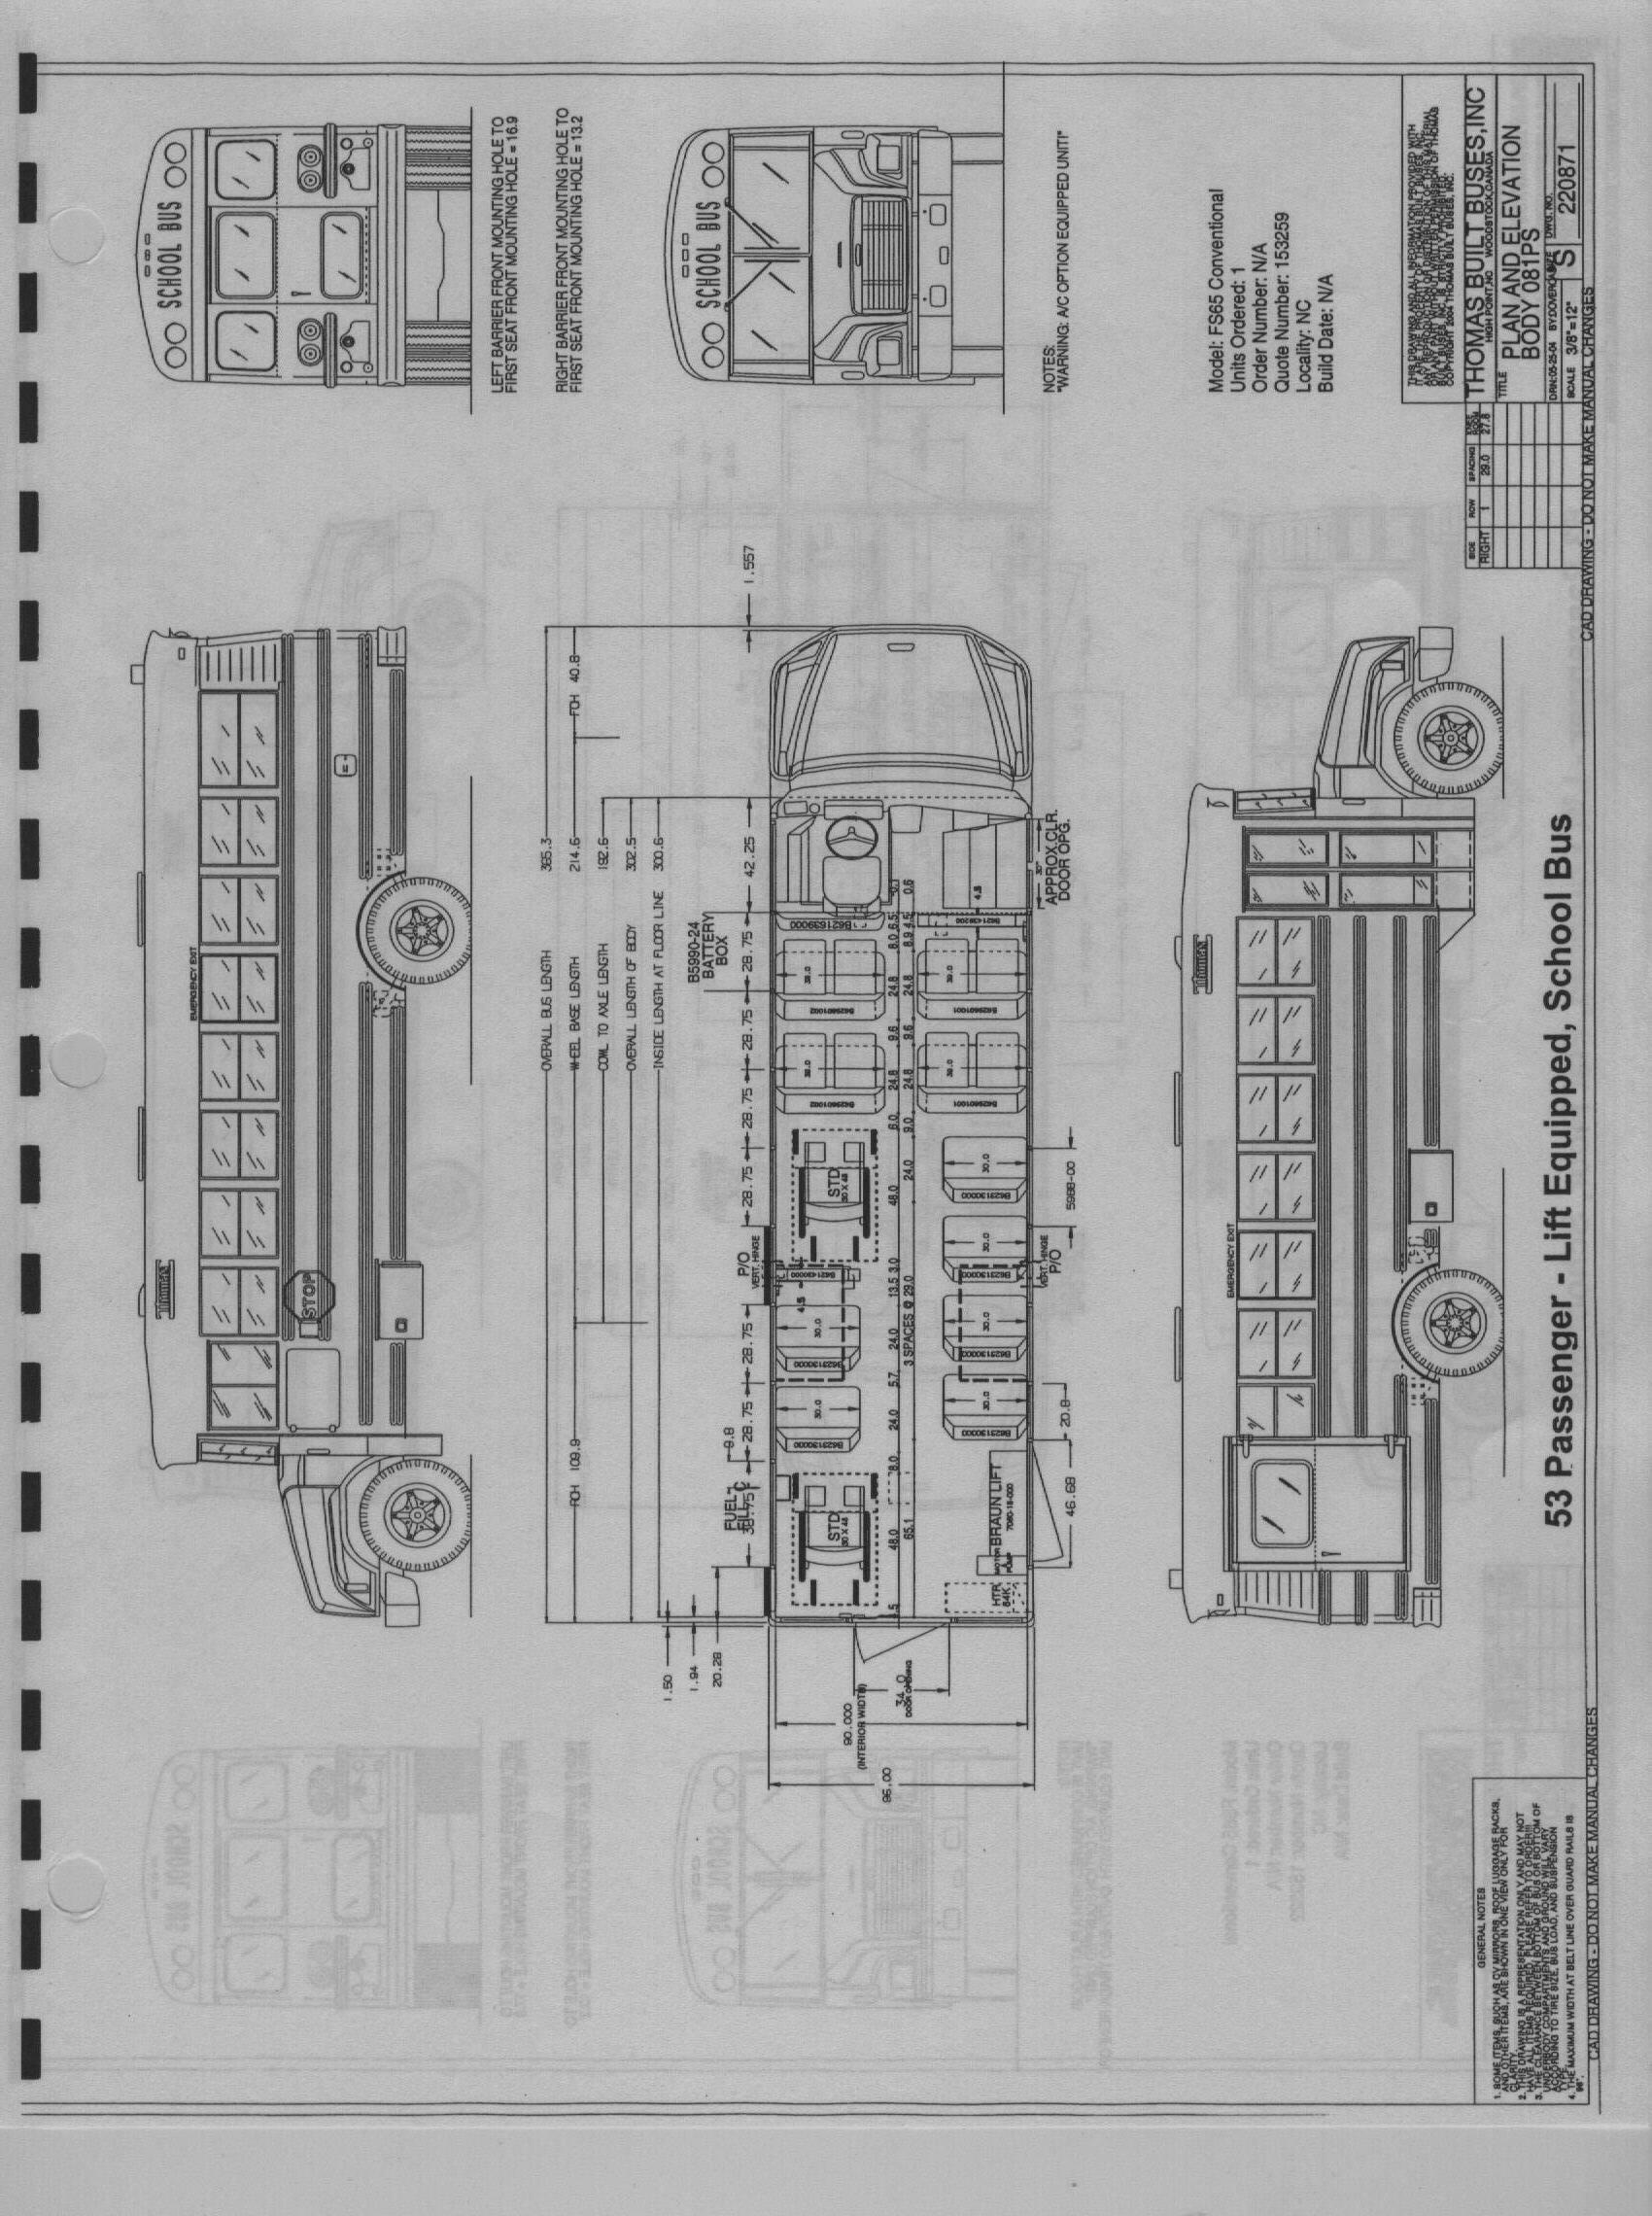 et_4061] thomas built c2 bus wiring diagrams schematic wiring 2007 thomas c2 wiring diagram vw t25 wiring diagram isop peted lopla xaem bdel vira otene phae mohammedshrine librar ...